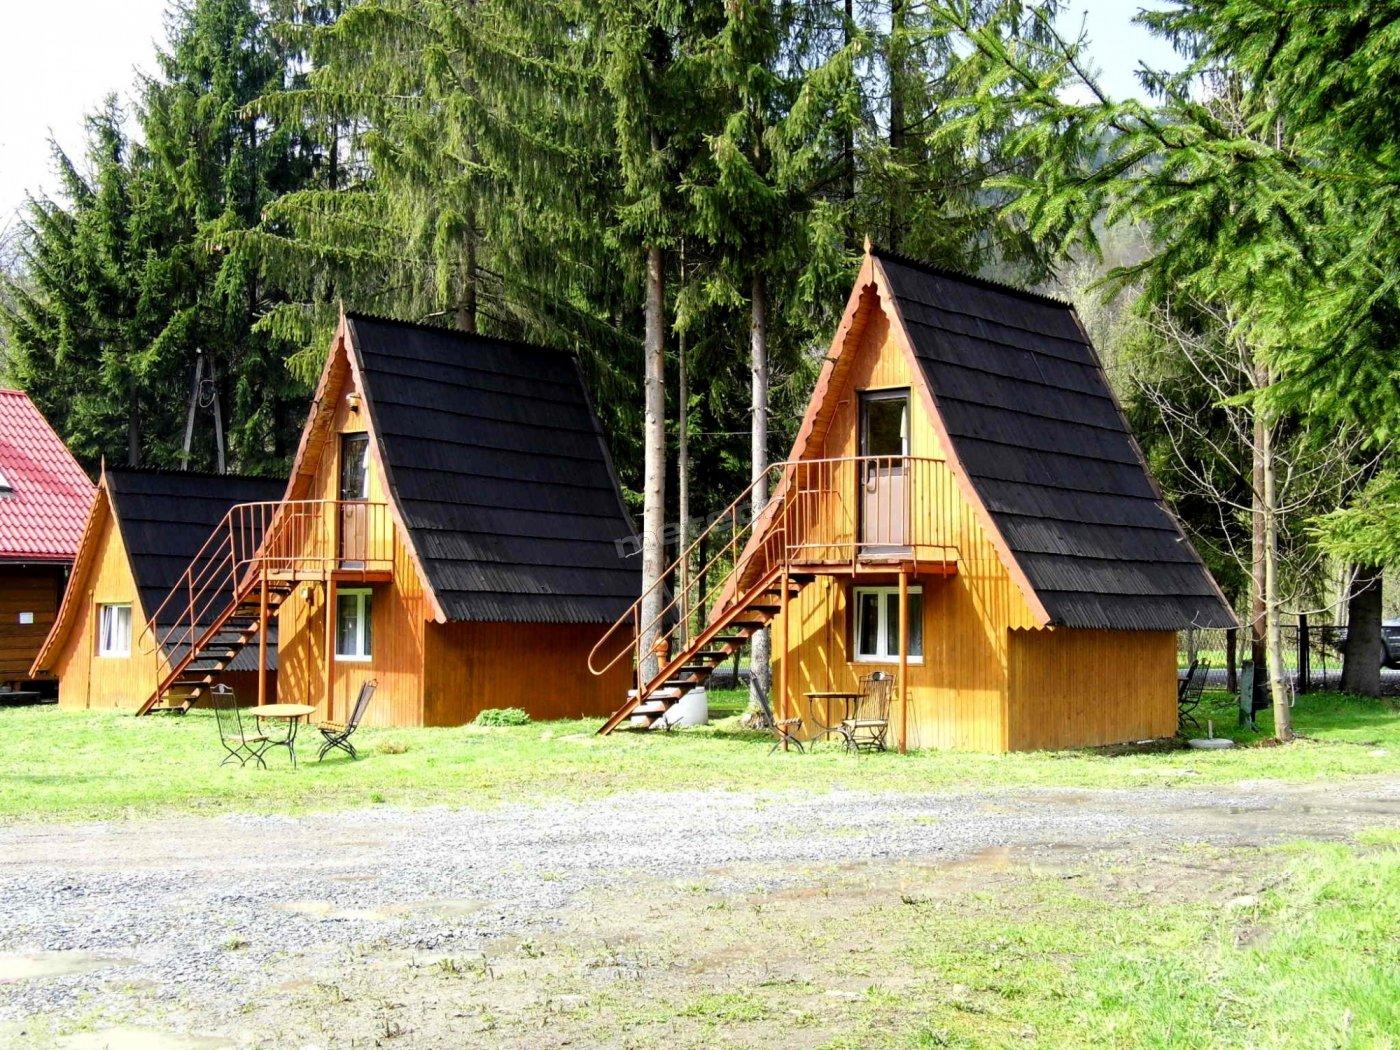 Widok na drewniane domki od strony zielonego placu z boiskiem do siatkówki.